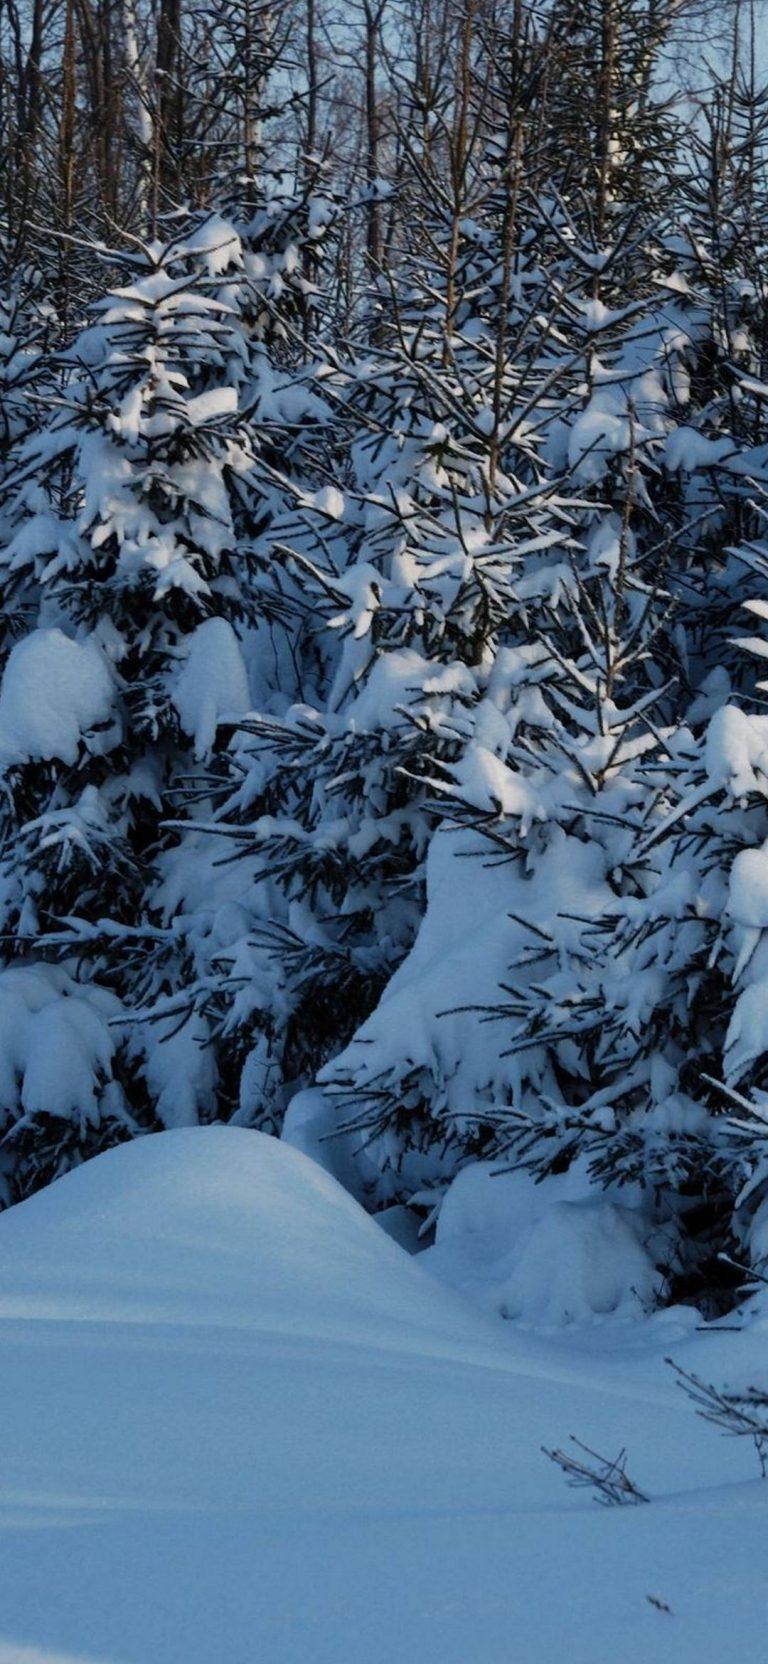 Winter Fir Trees Snow 1080x2340 768x1664